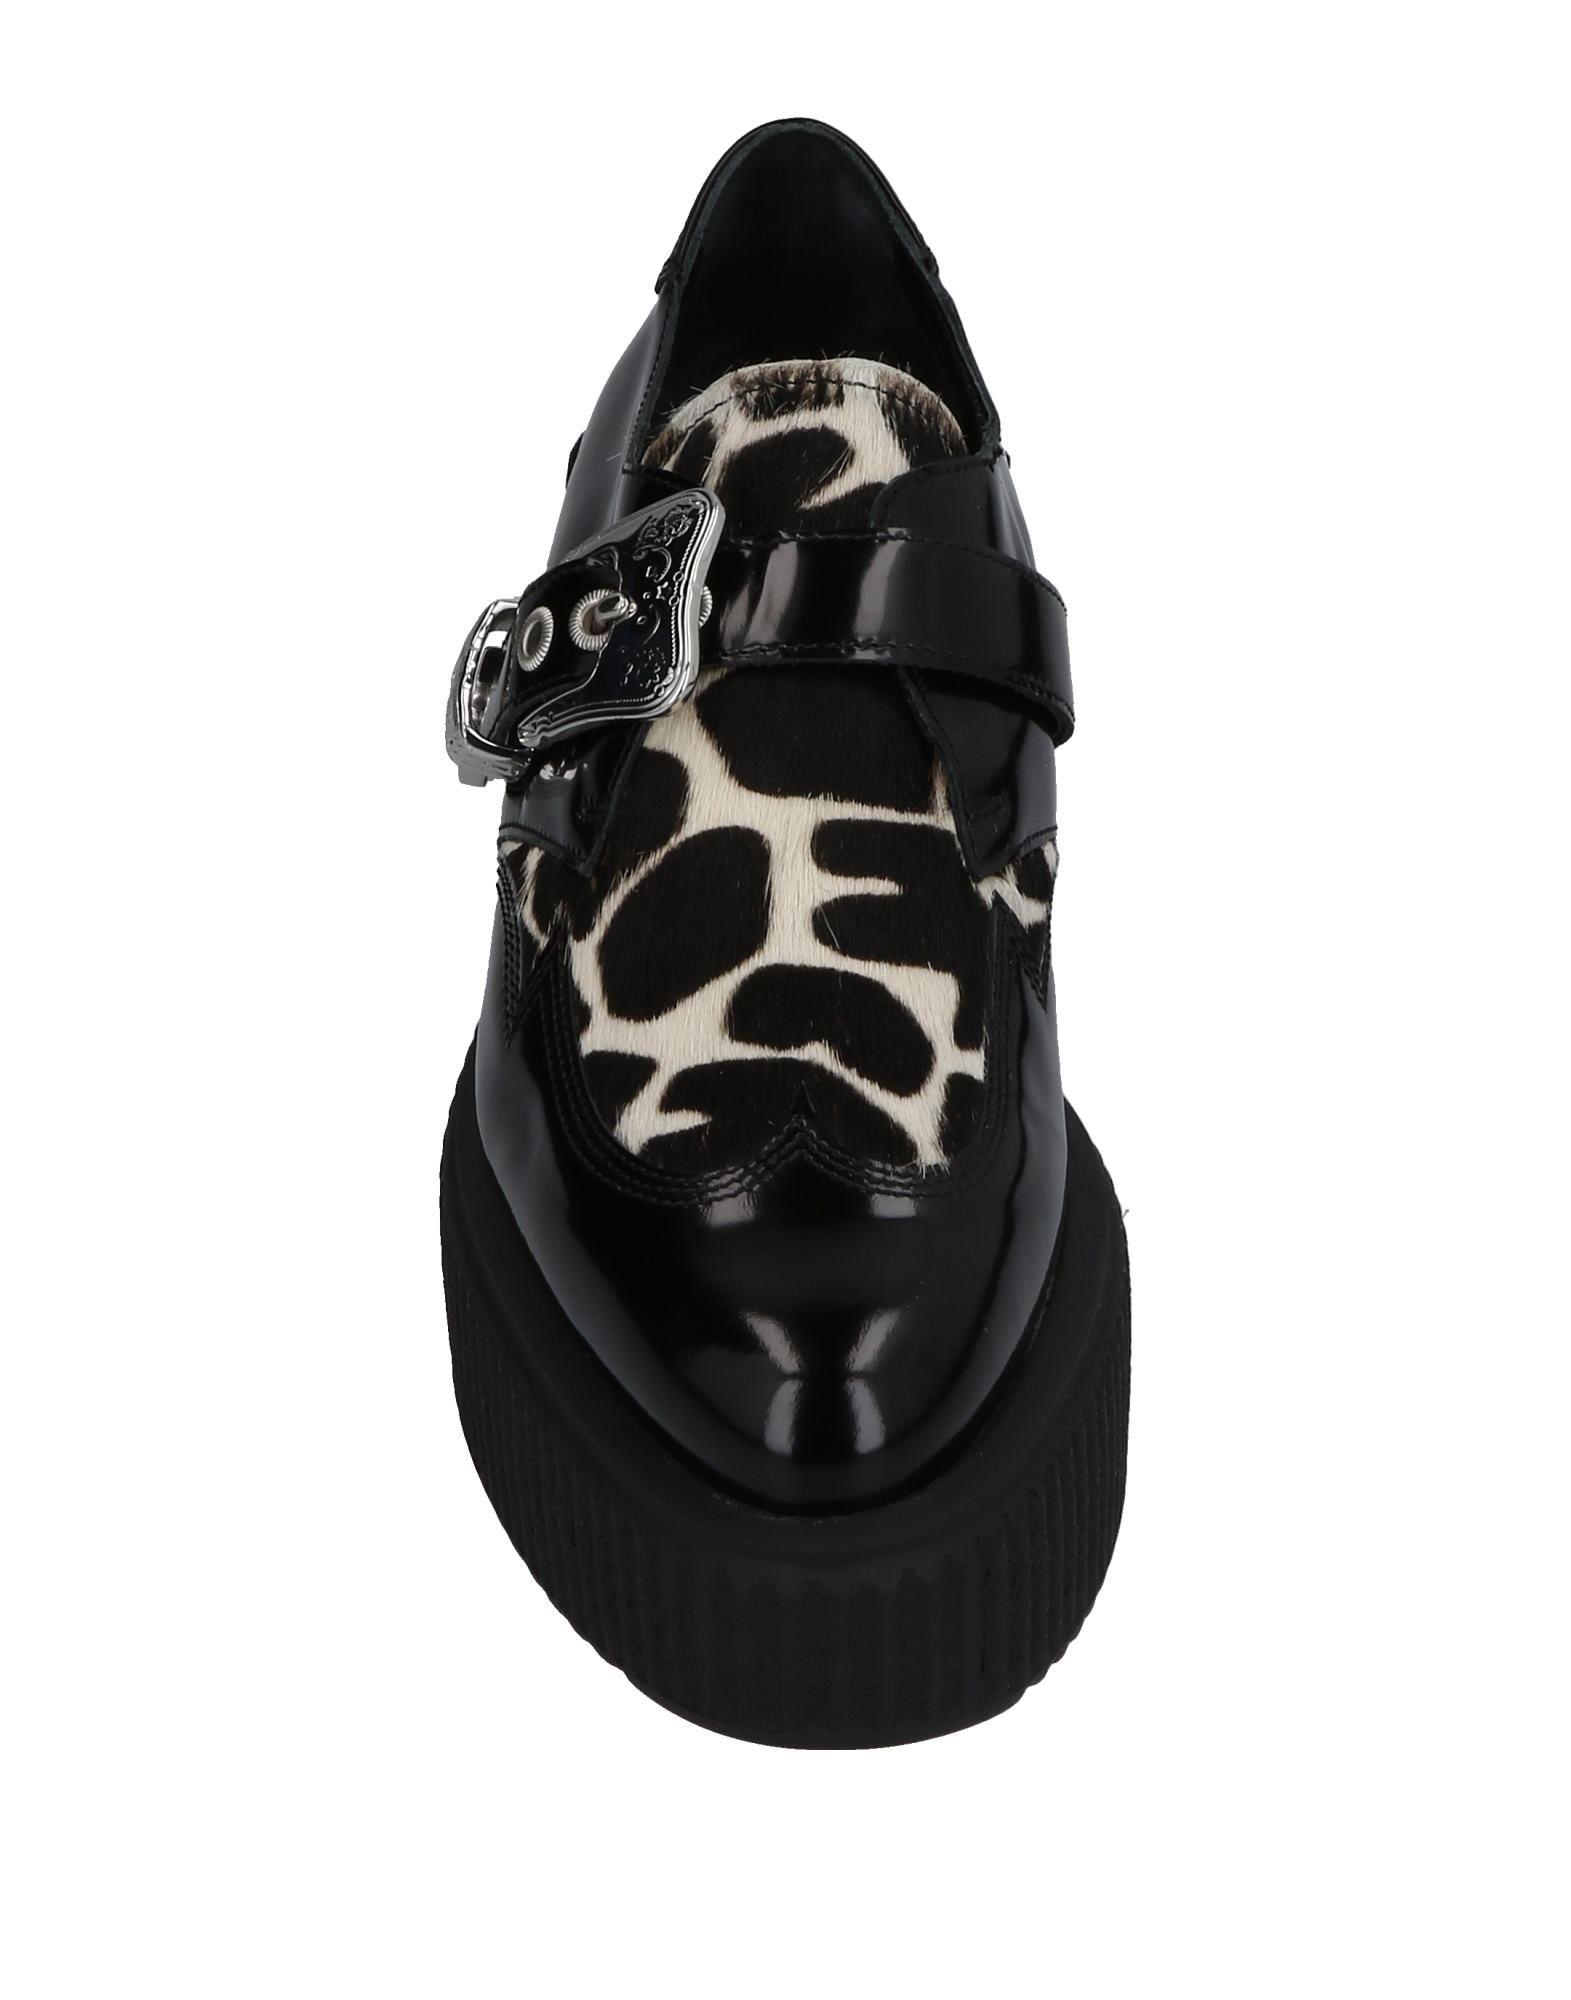 CHAUSSURES - Chaussures à lacetsMon Massagué 4e0ff6P